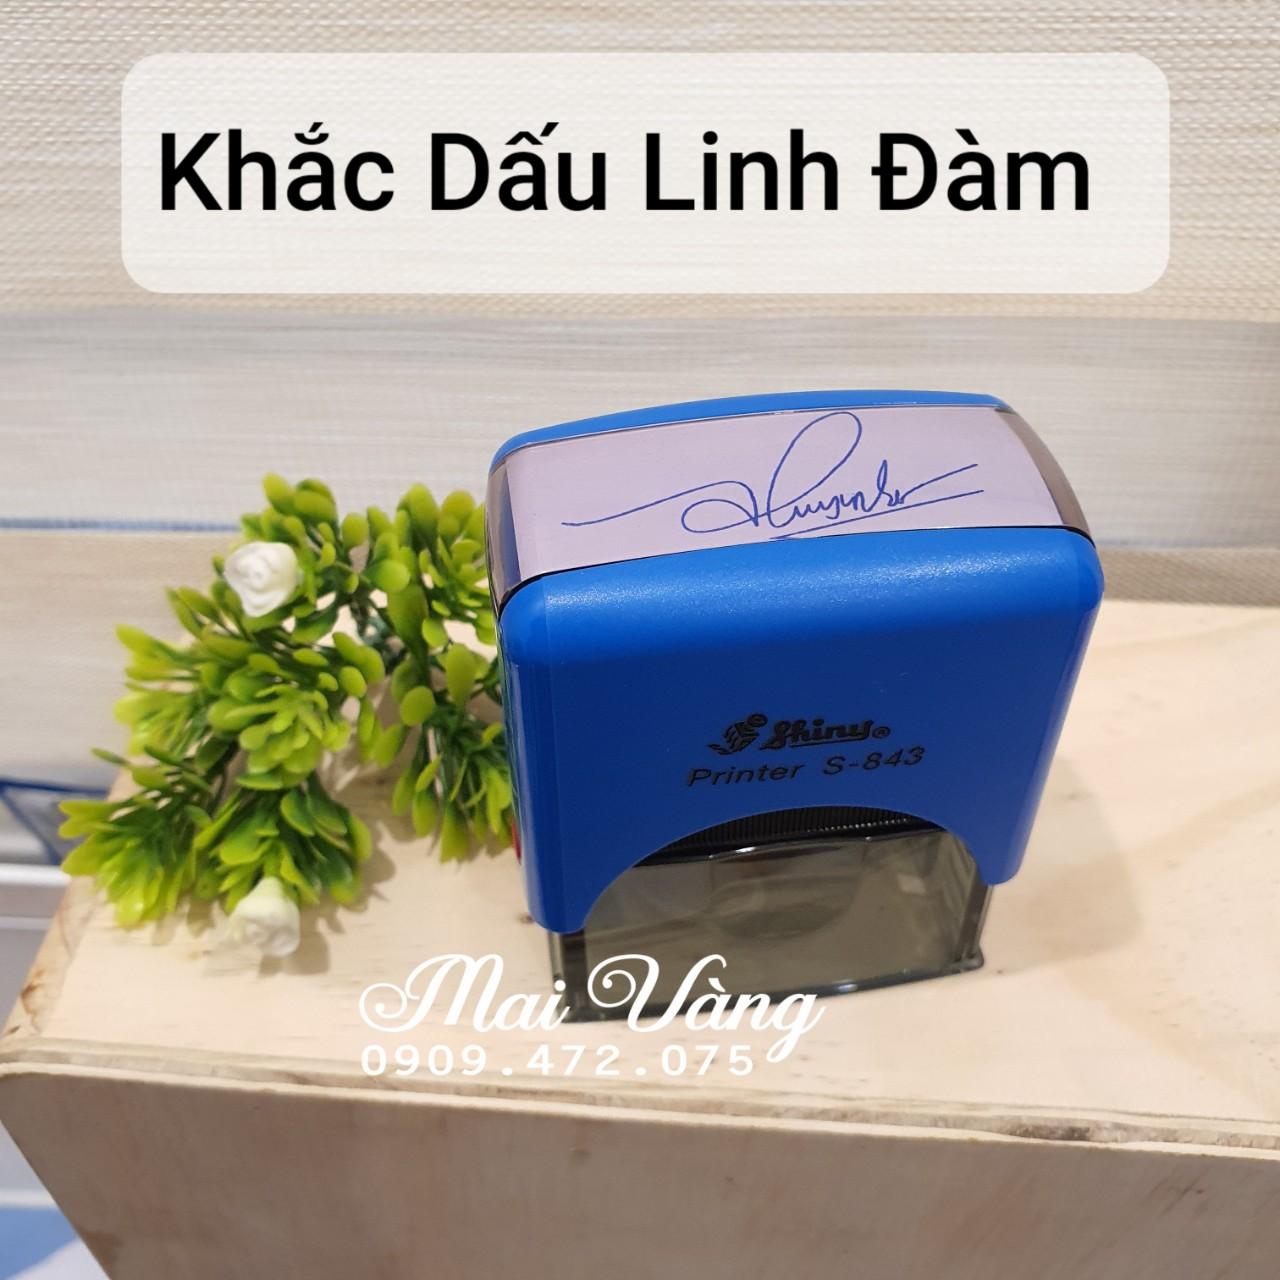 doanh nghiệp khắc dấu tại Linh Đàm Hoàng Mai Hà Nội, dịch vụ làm con dấu giá rẻ giao hàng tận nơi